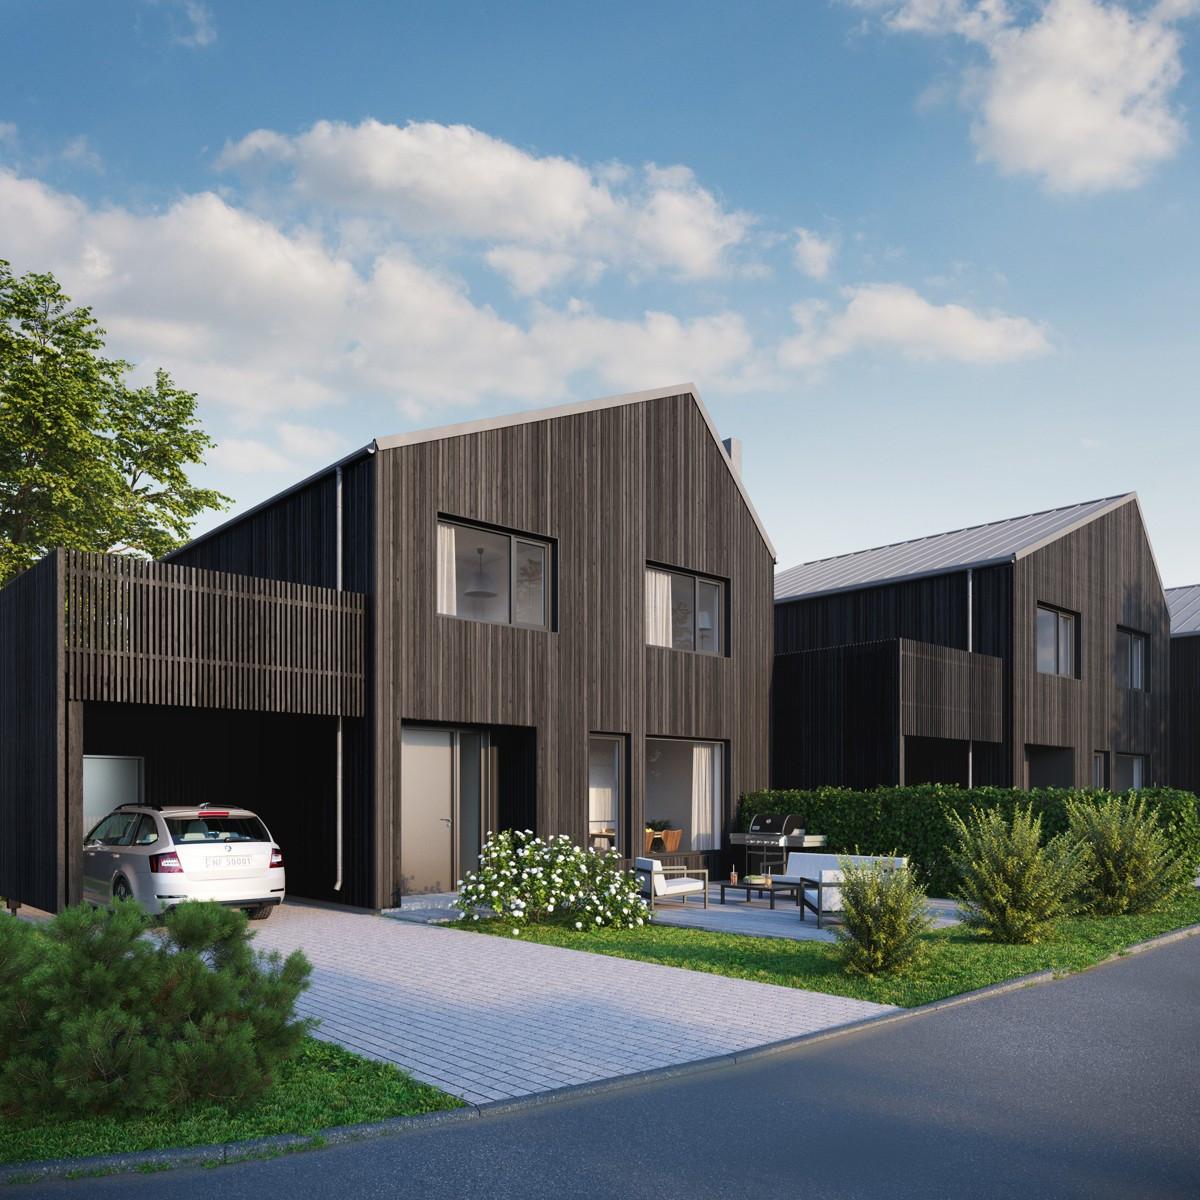 Rekkehus - gjøvik - 4 490 000 til 6 150 000,- - Partners Eiendomsmegling